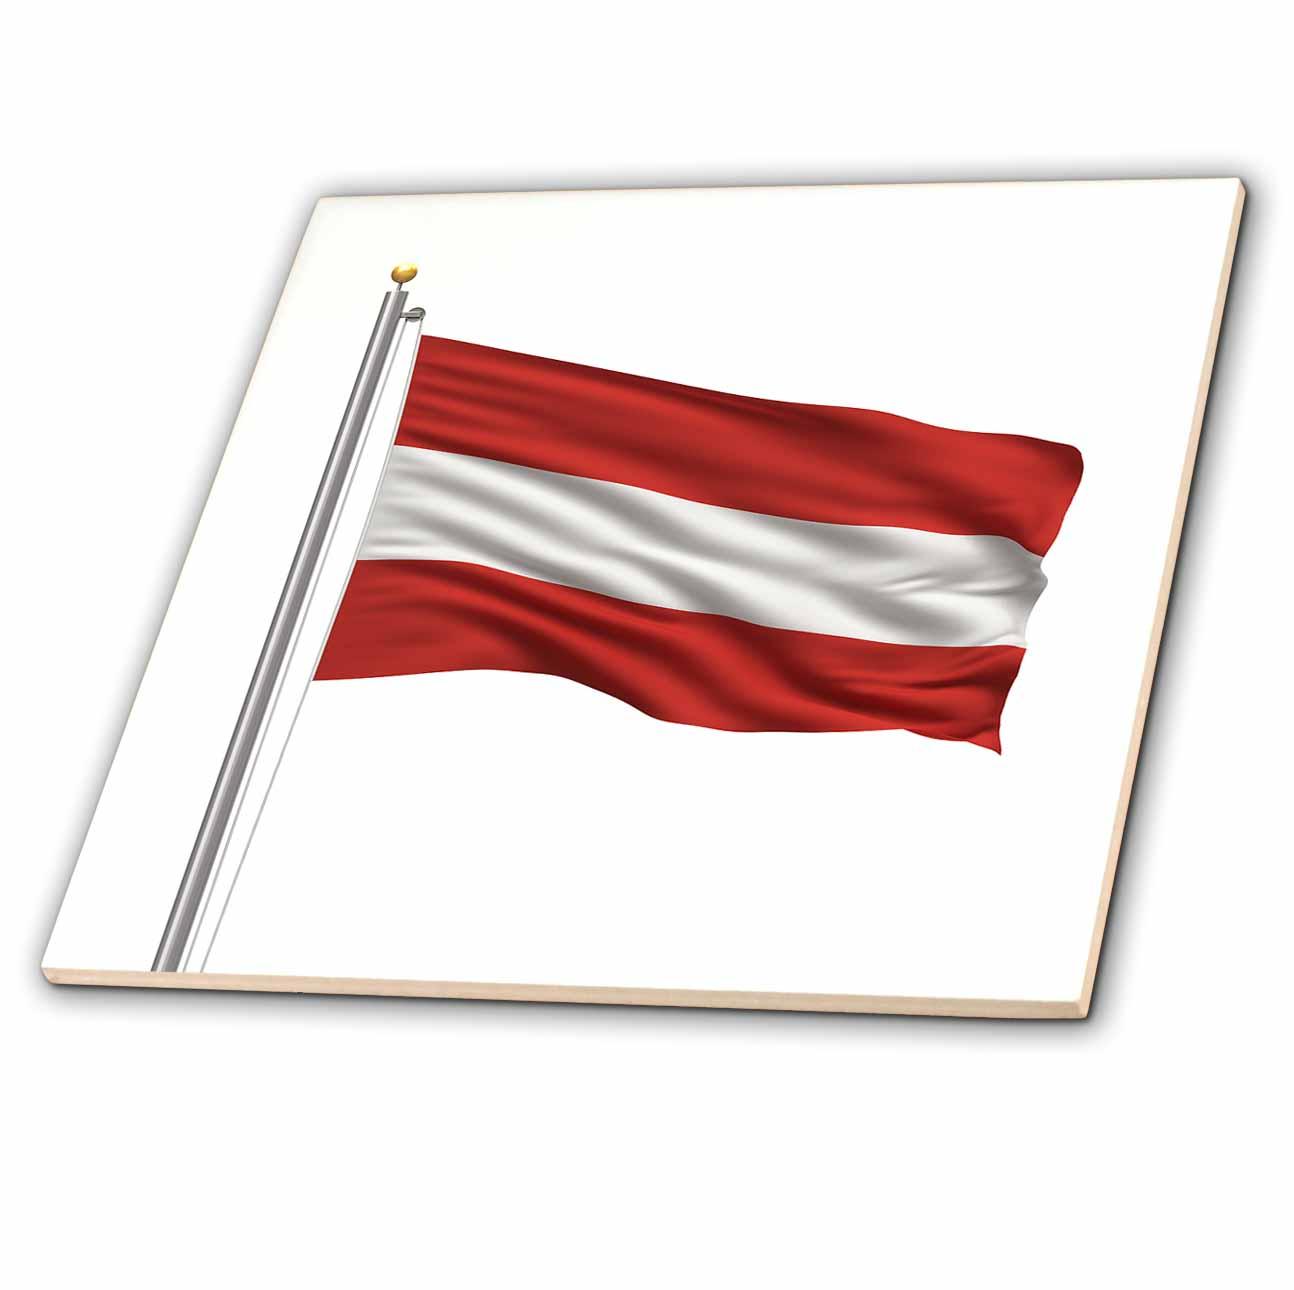 3dRose - Carsten Reisinger Illustrations - Flag of Austria on a flag pole over white Austrian - Tiles